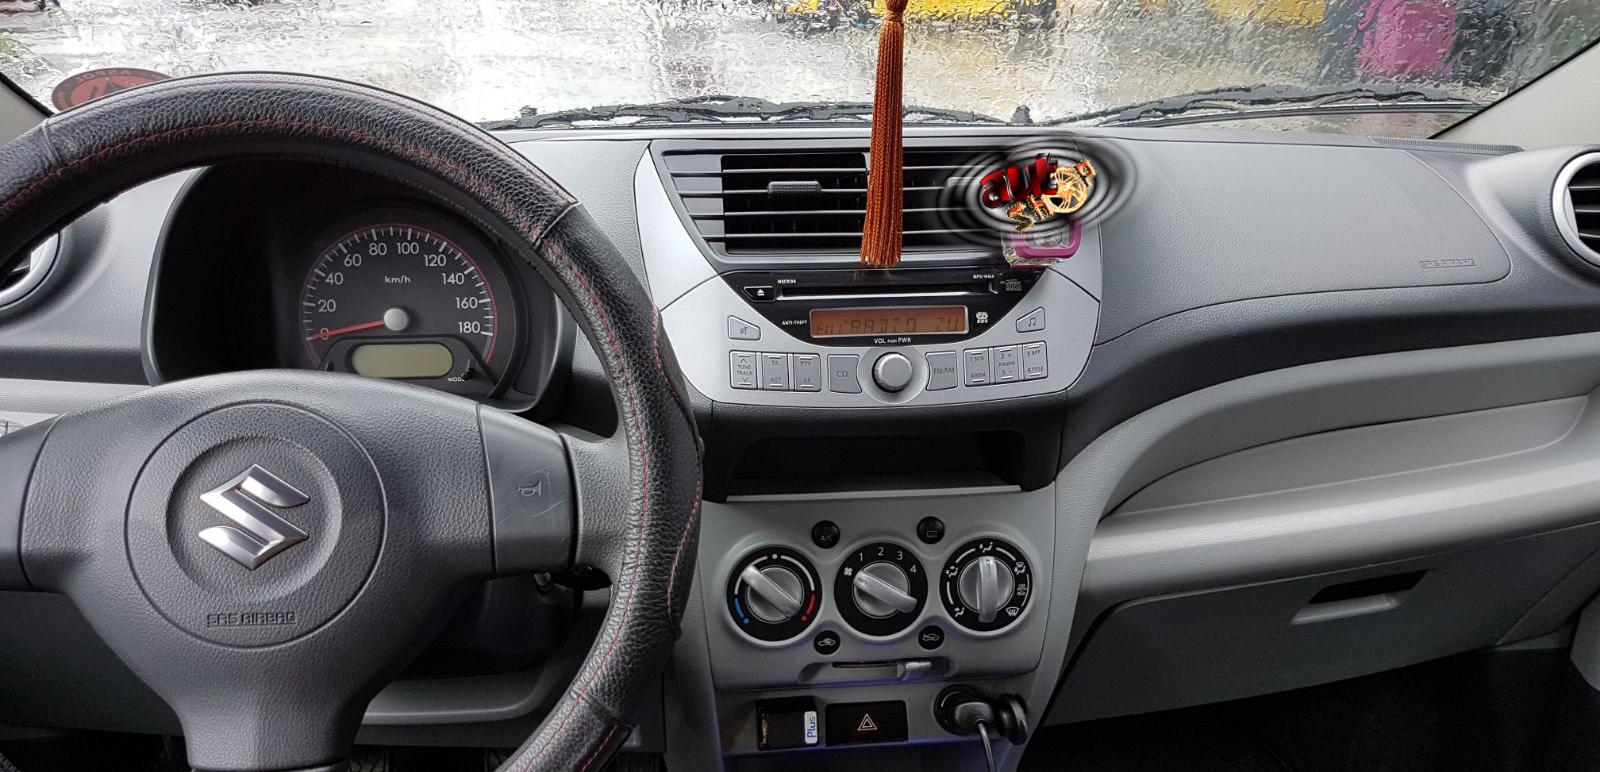 sistem navigatie dedicat suzuki Alto 2008 2009 2010 2011 2012 2013 caraudiomarket craiova